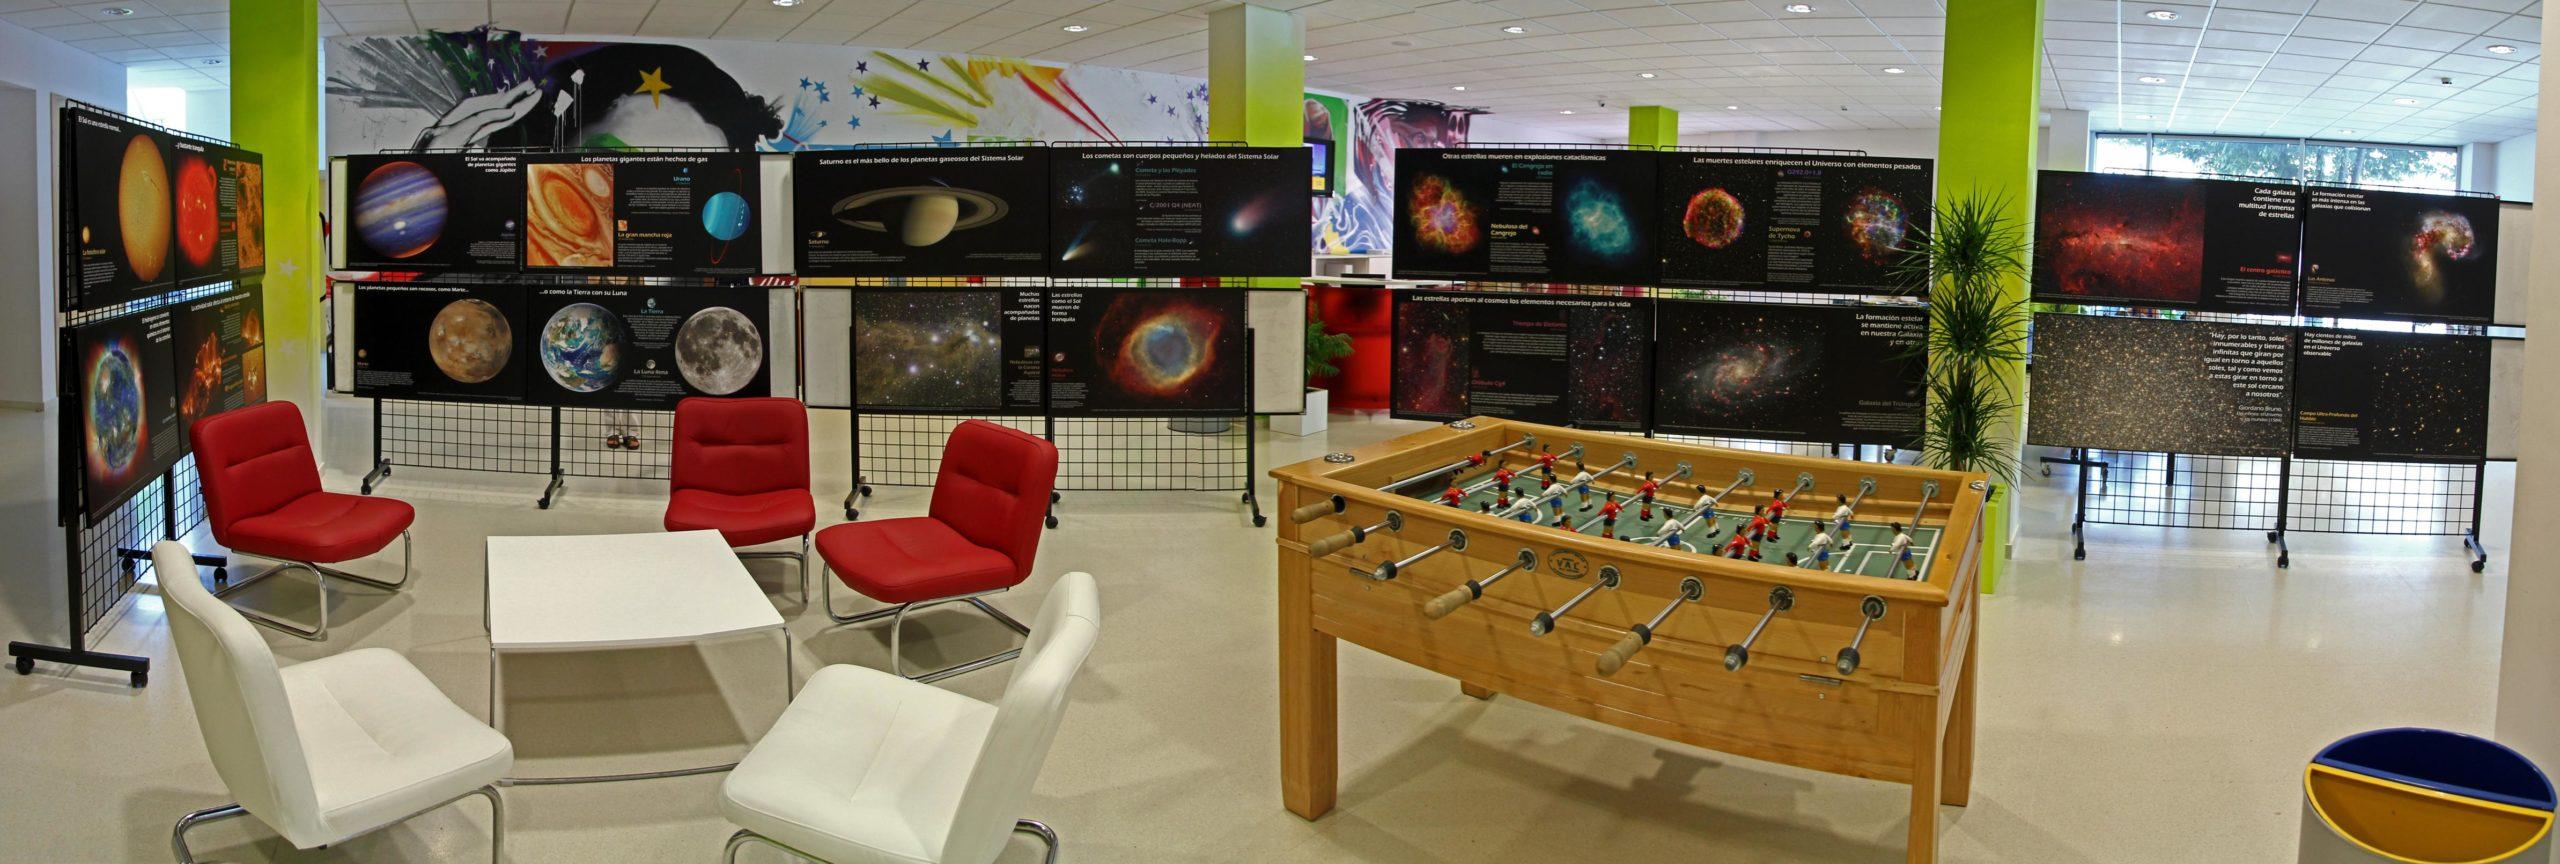 """Exposición Astronómica """"De la Tierra al Universo"""" - AstroAlcalá 2011"""